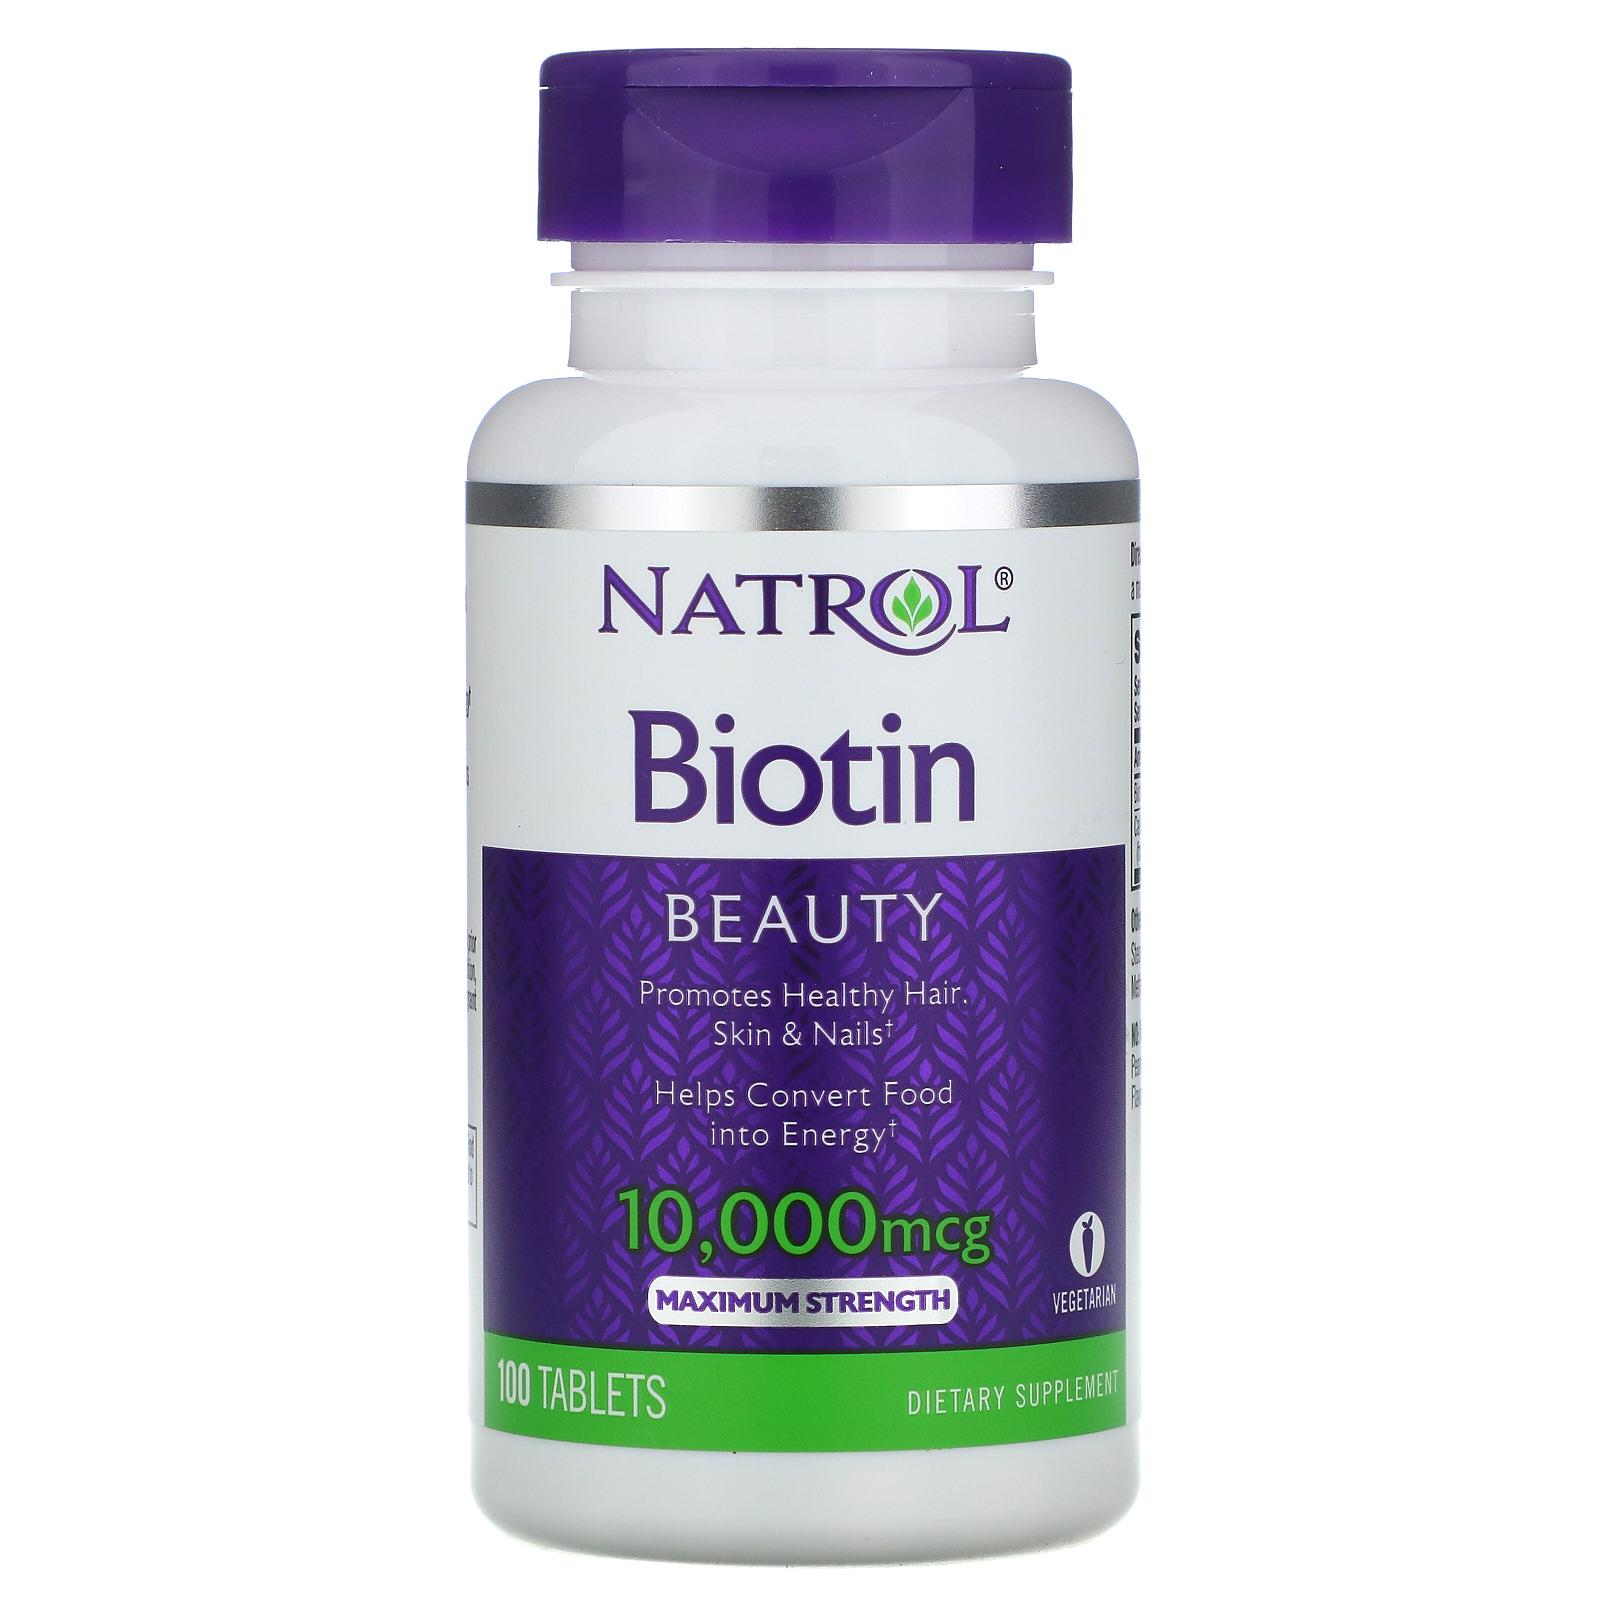 حبوب بيوتين Biotin هل حبوب البيوتين تسمن حبوب البيوتين 10000 تجاربكم مع فيتامين بيوتين للشعر سعر حبوب البيوتين للشعر هل حبوب البيوتين تكثر شعر الجسم حبوب البيوتين الأصلية أضرار البيوتين البيوتين والدورة الشهرية